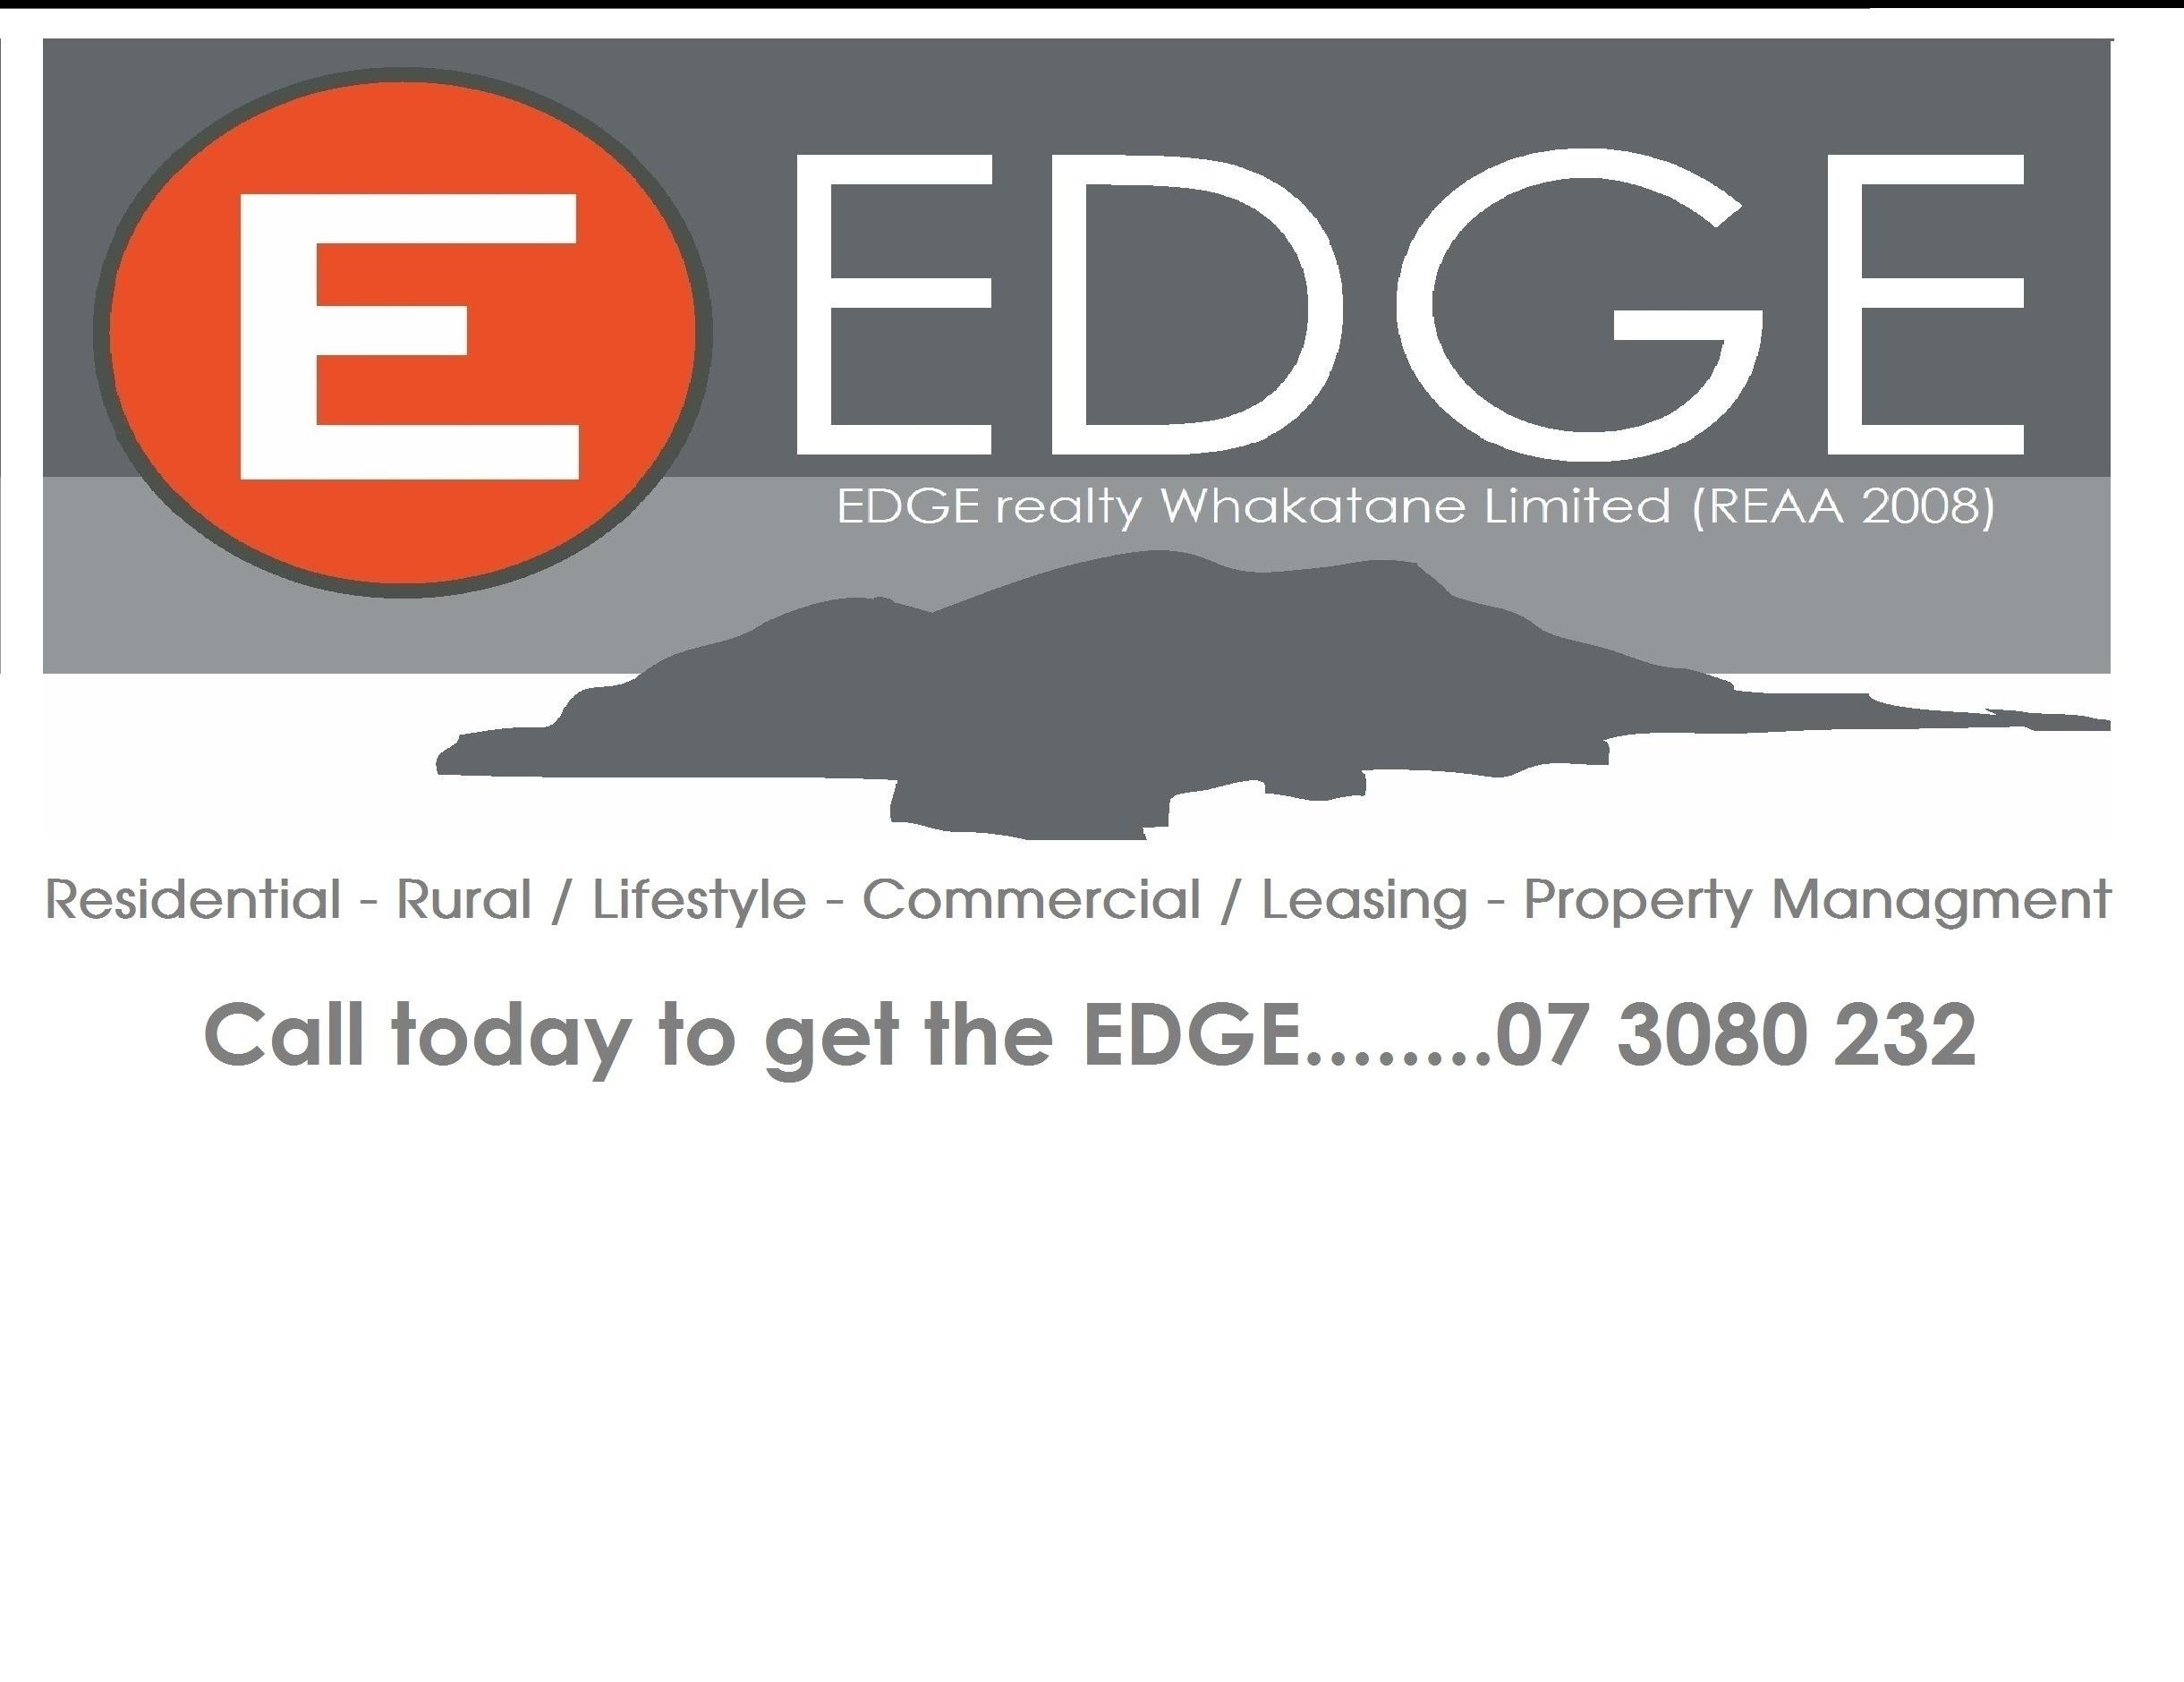 Edge Realty Whakatane Limited (REA 2008)